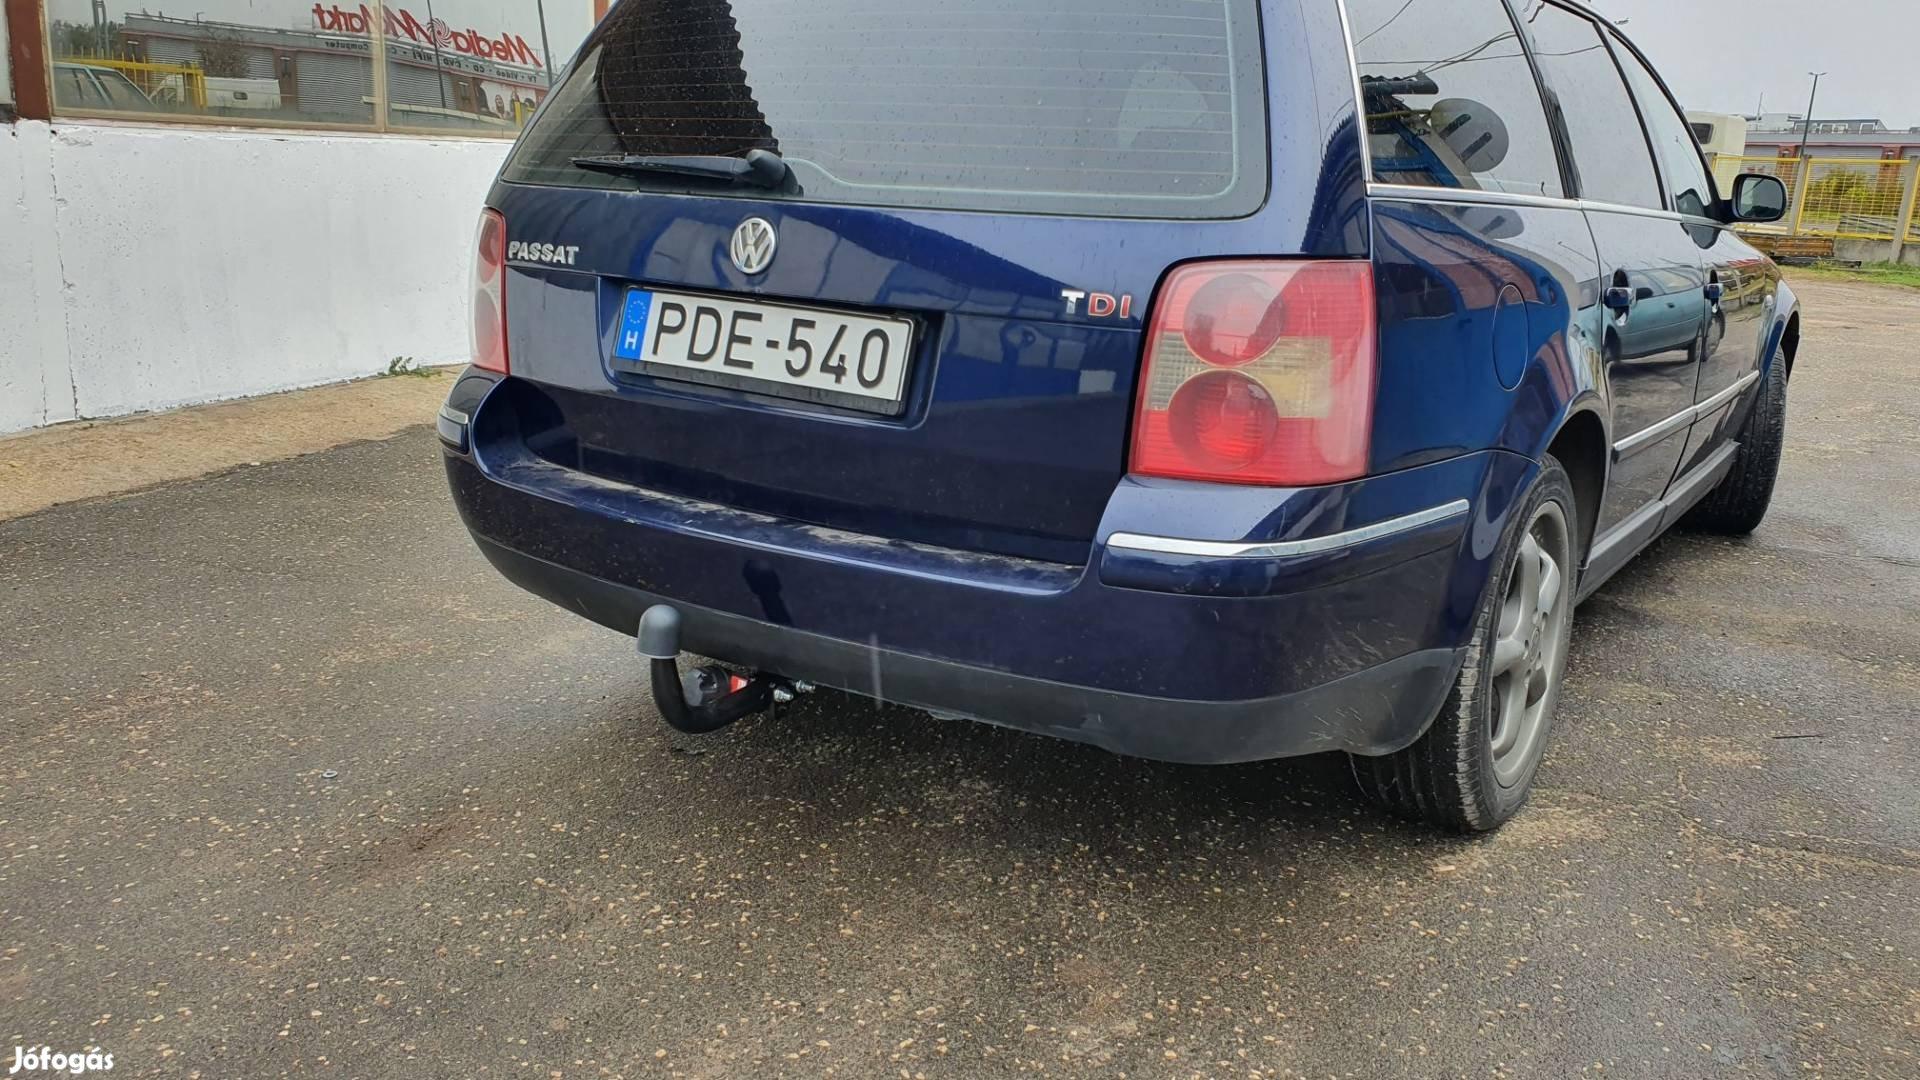 Volkswagen pasat vonóhorog